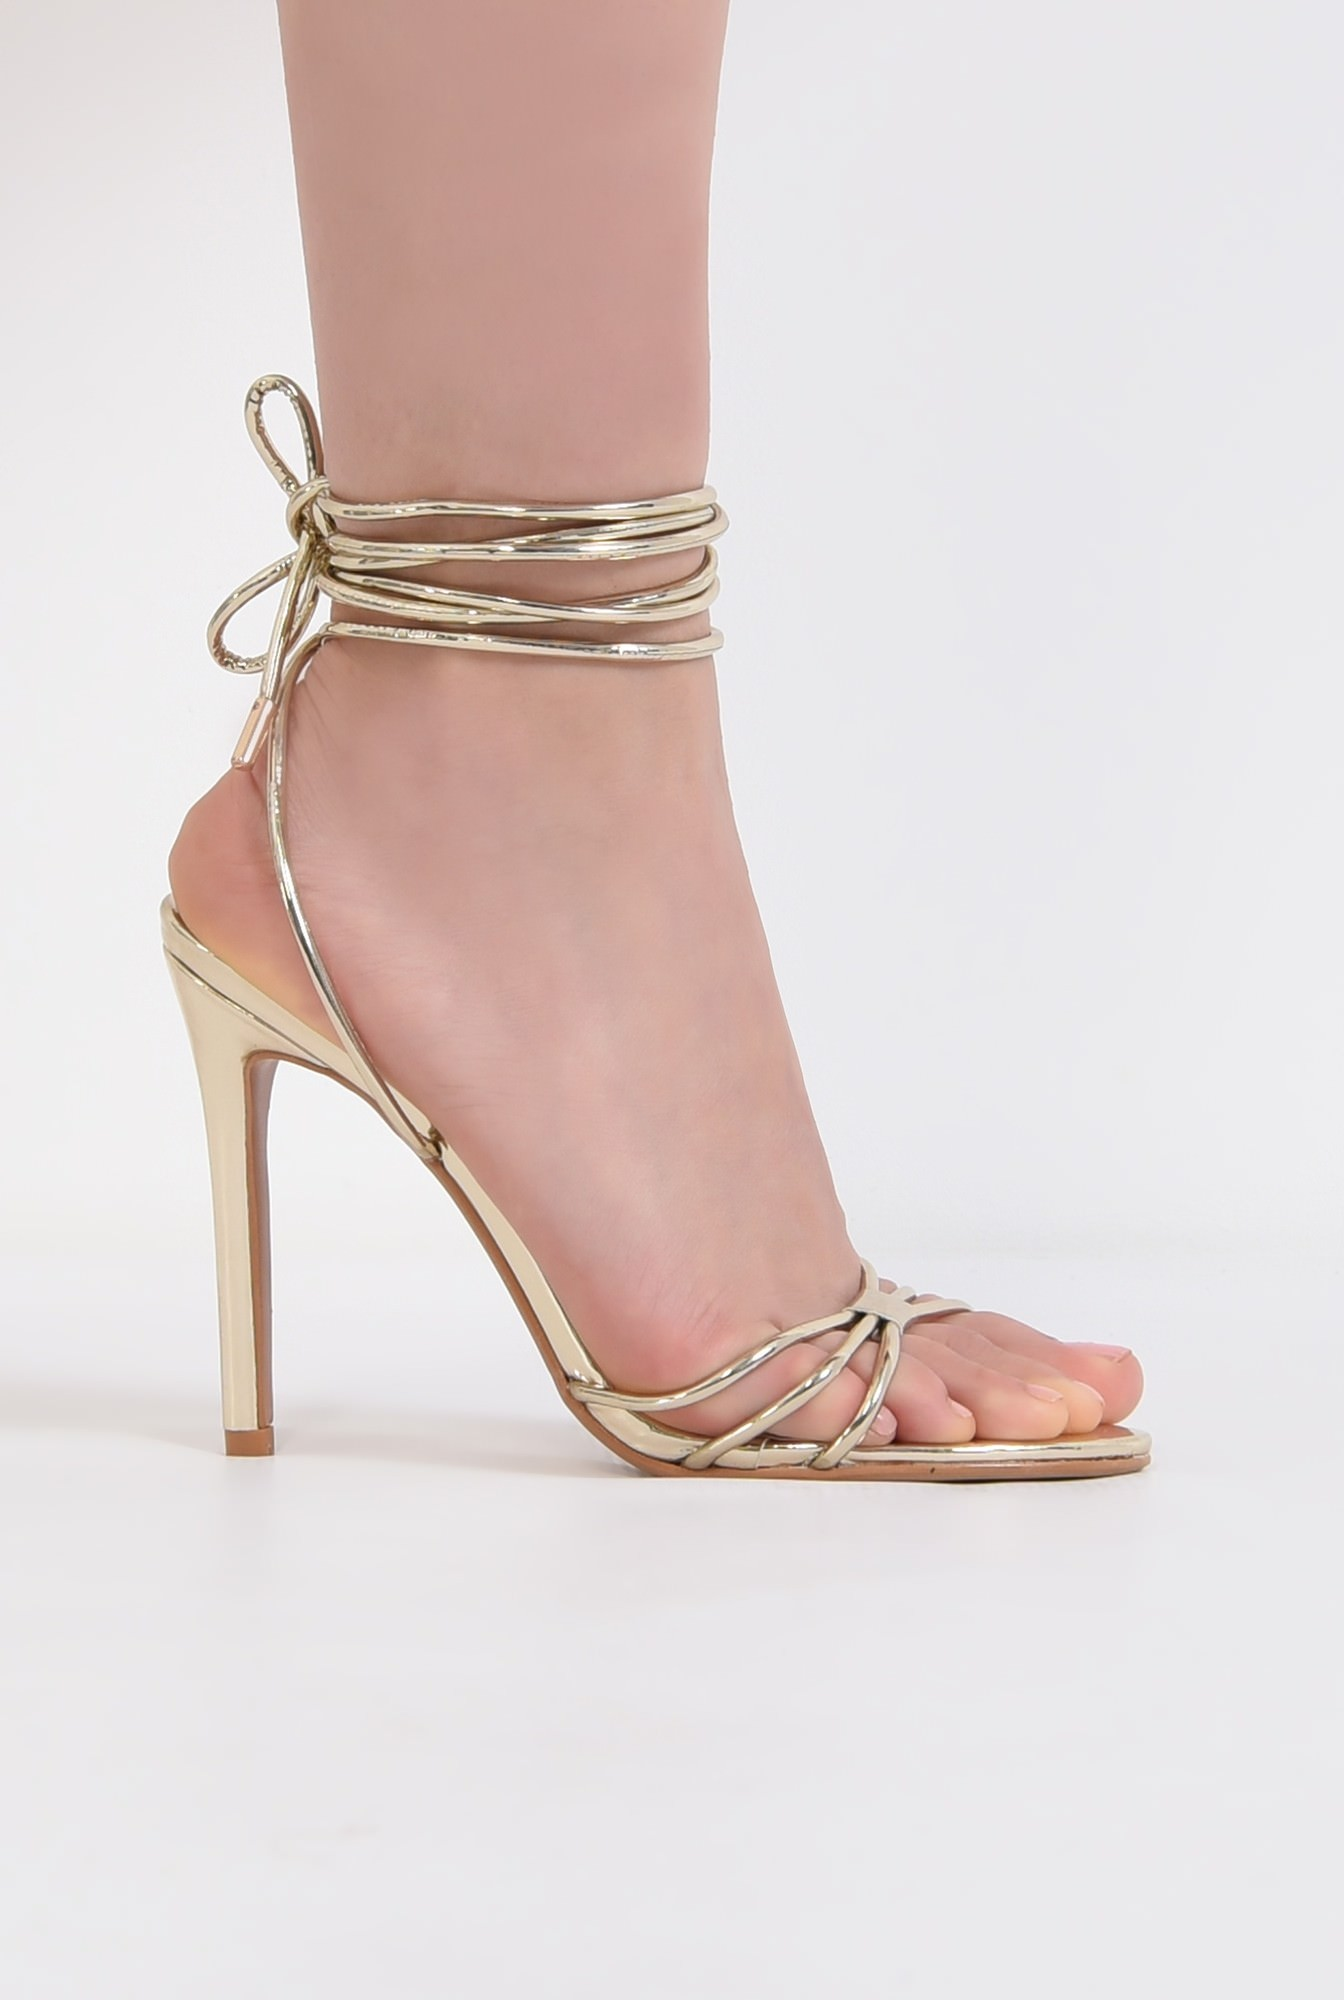 sandale aurii, de ocazie, barete, snur, stiletto